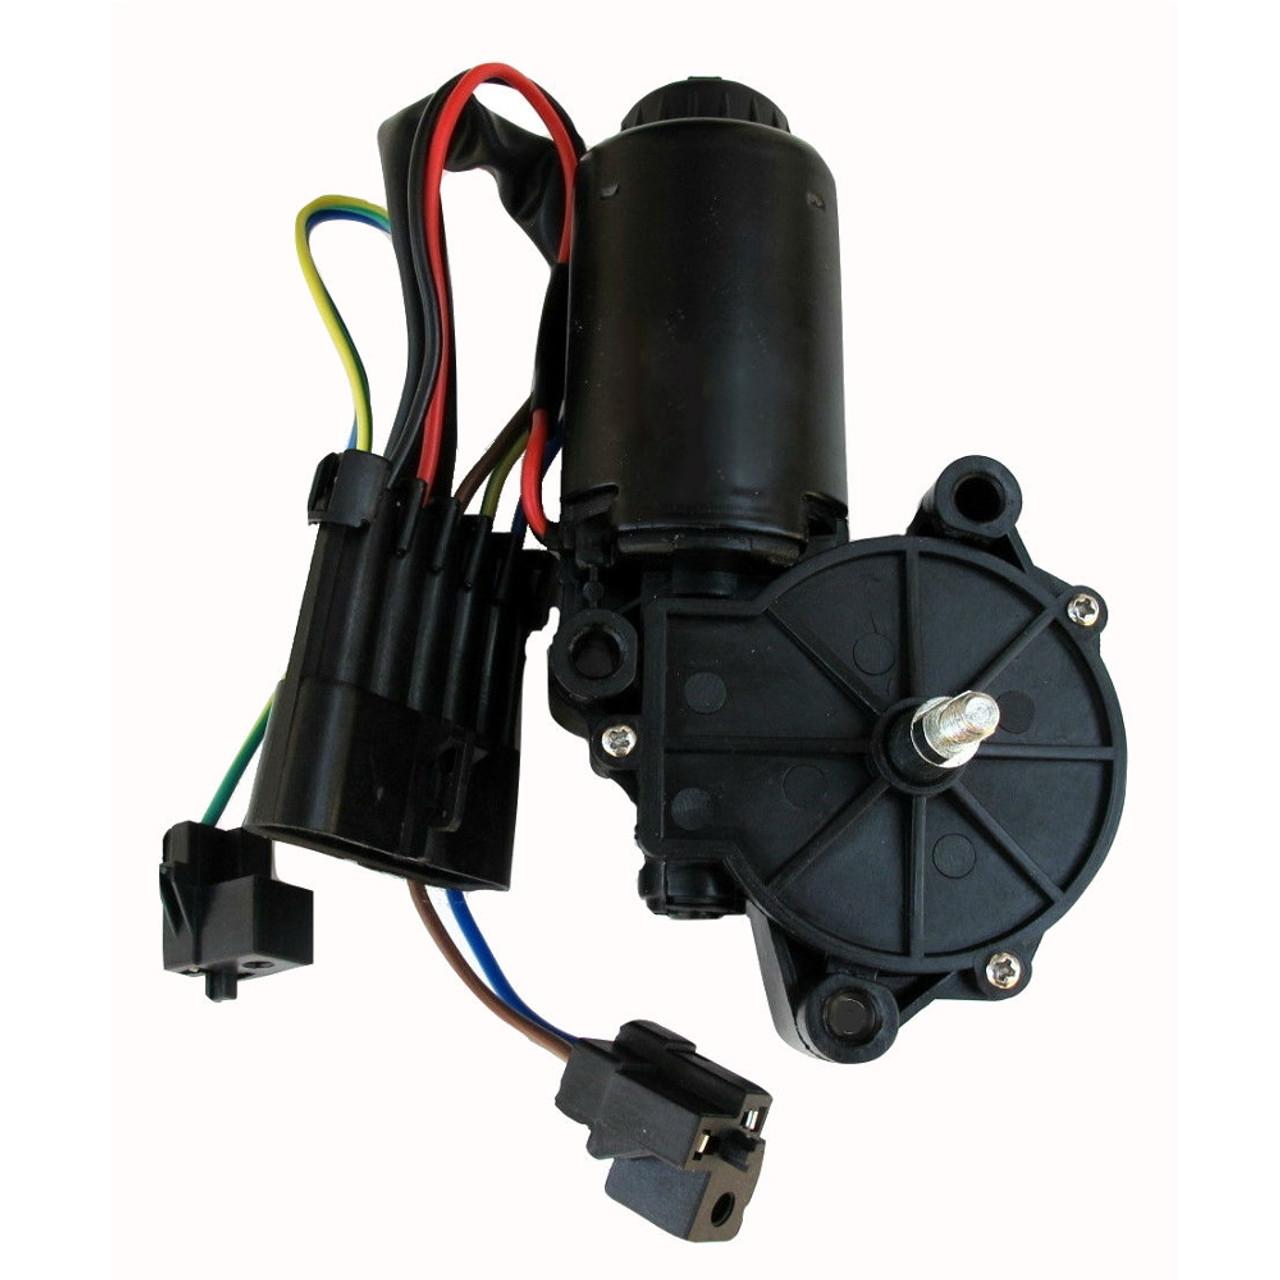 New 1998-2002 Firebird Headlight Actuator Motor & Wire Harness. LH